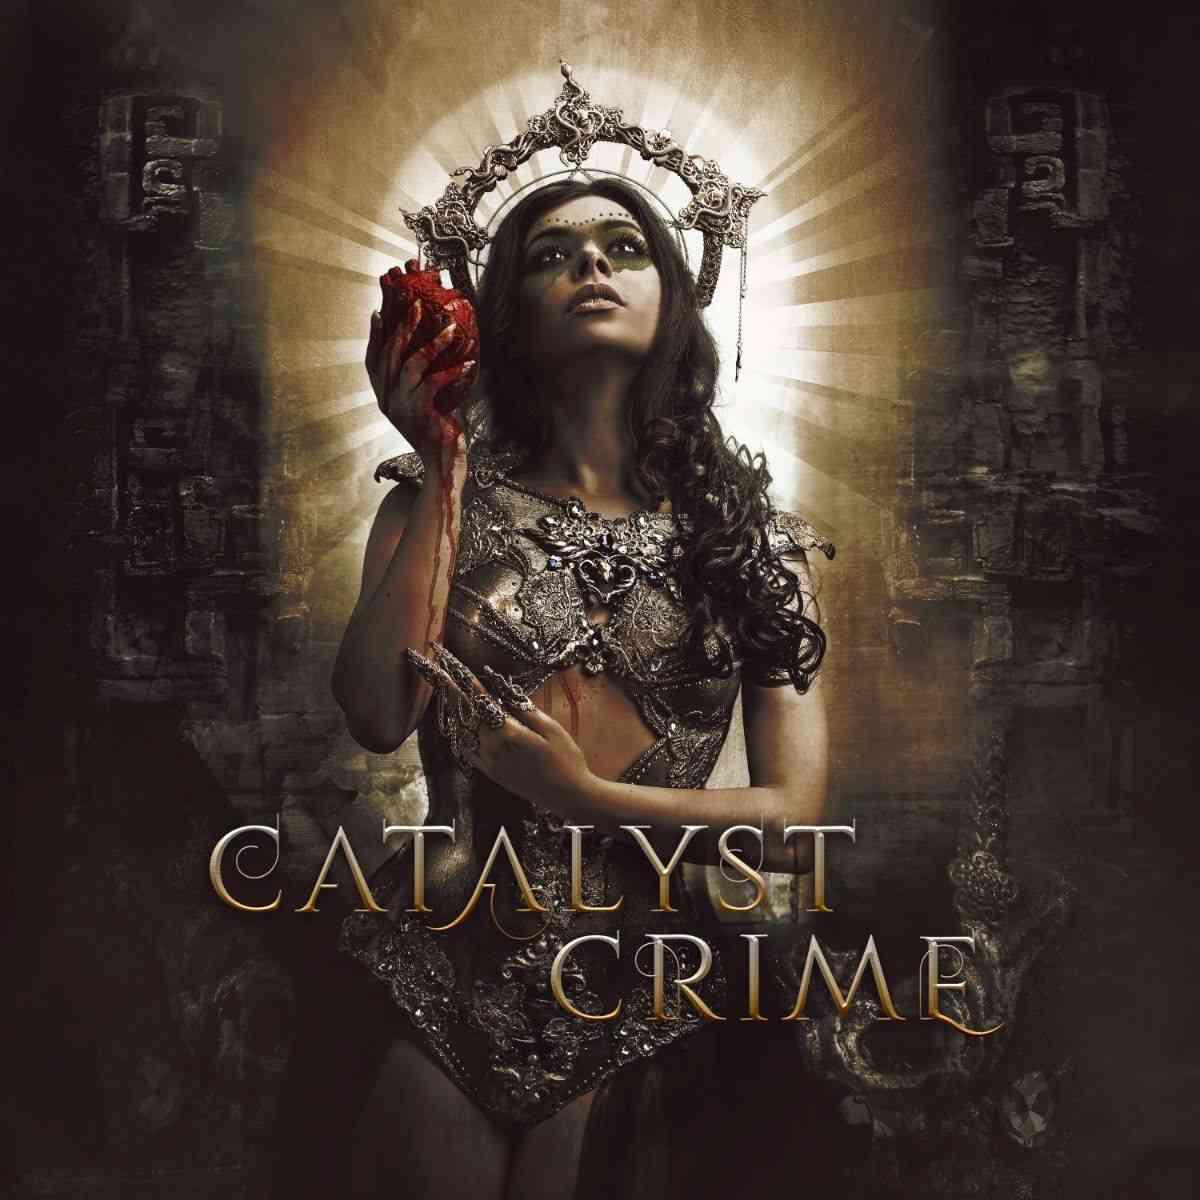 Catalyst Crime - Catalyst Crime - album cover